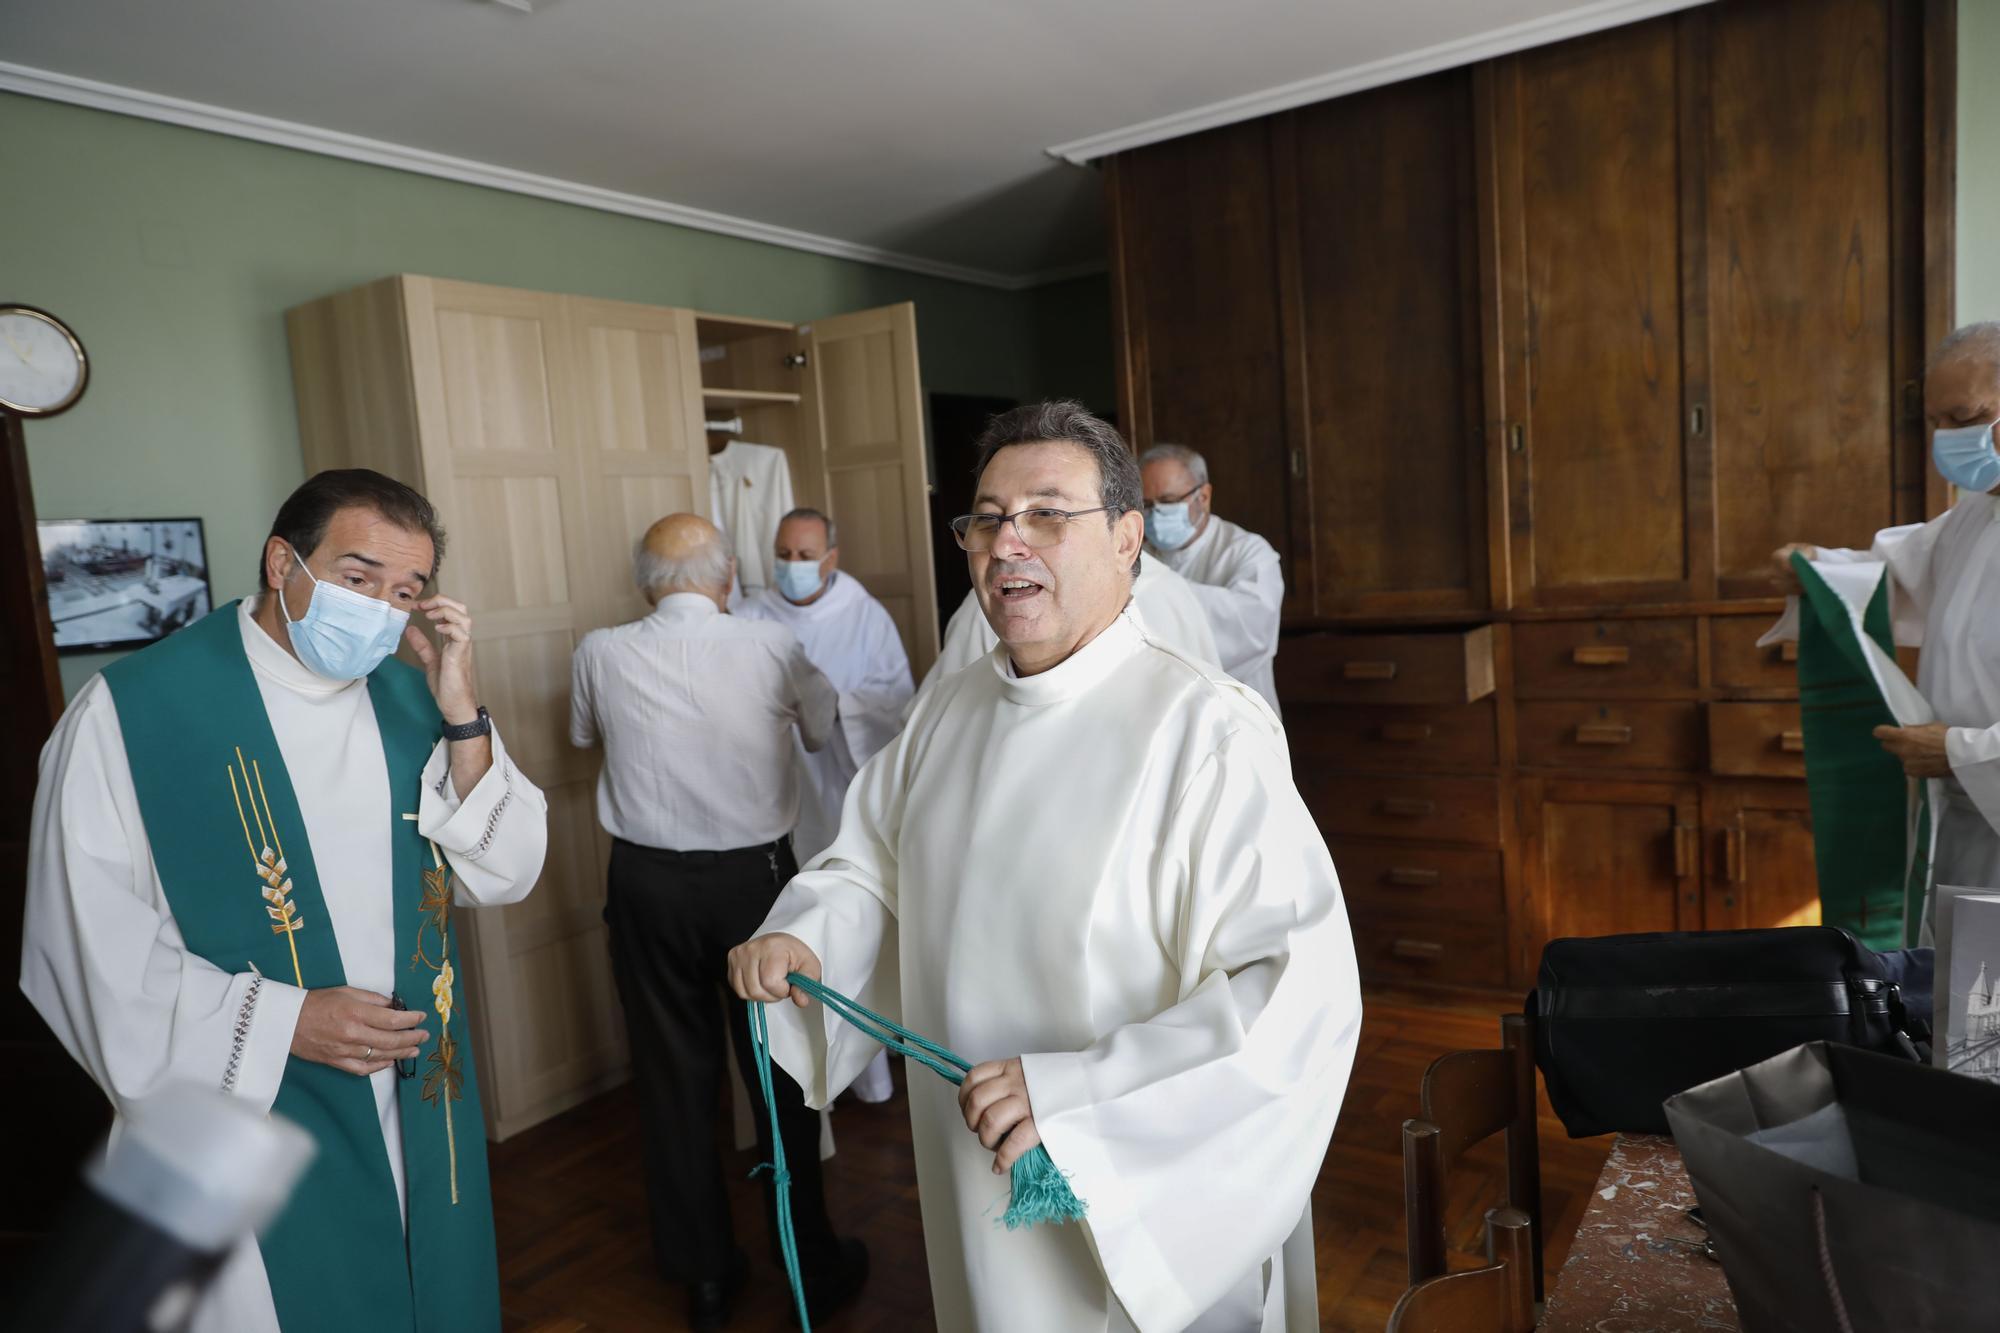 Eduardo Zulaiba toma posesión como párroco en Jove